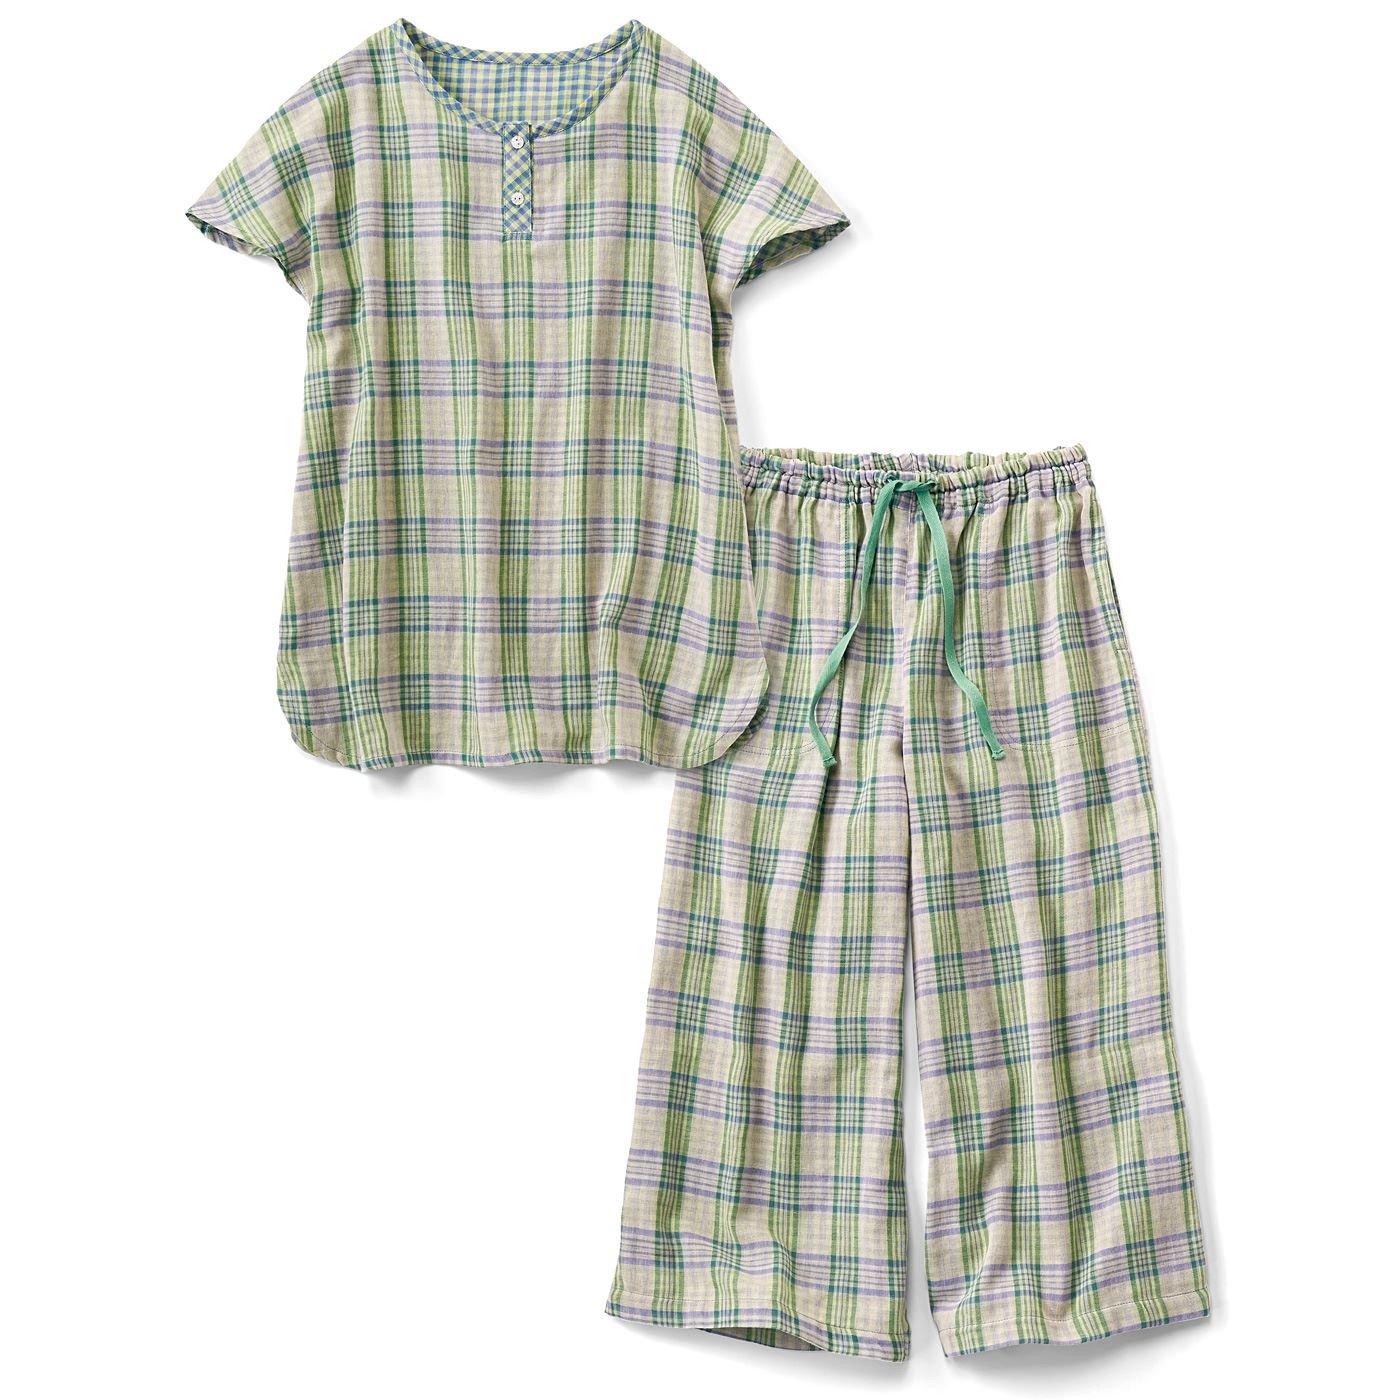 リブ イン コンフォート 暑い日のおうち時間を快適に過ごせる ふわふわダブルガーゼのちび袖パジャマの会